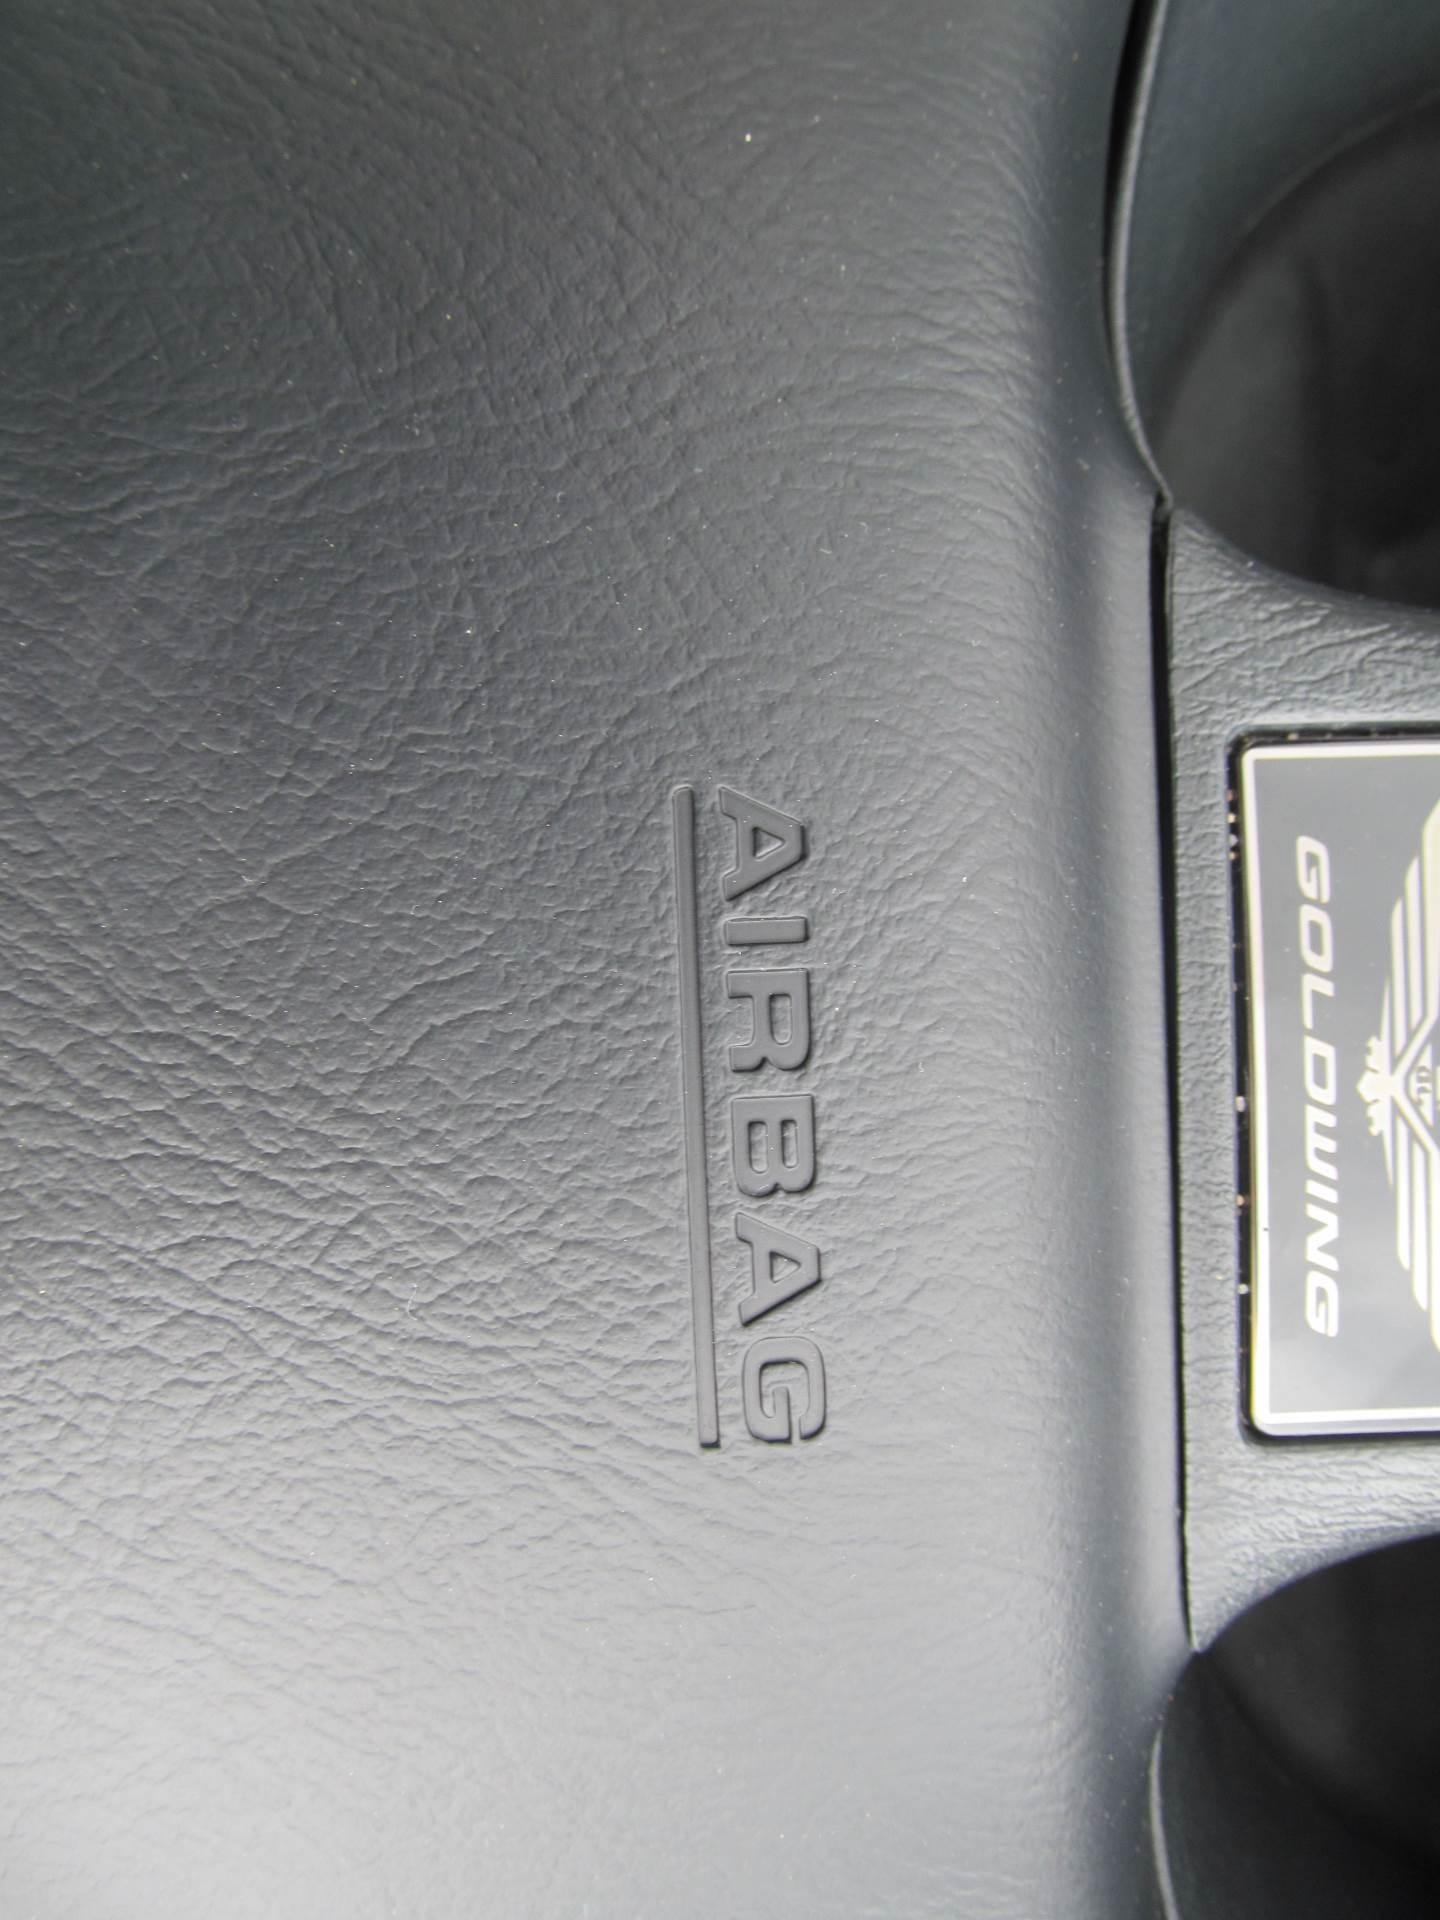 2006 Honda Gold Wing Airbag 10